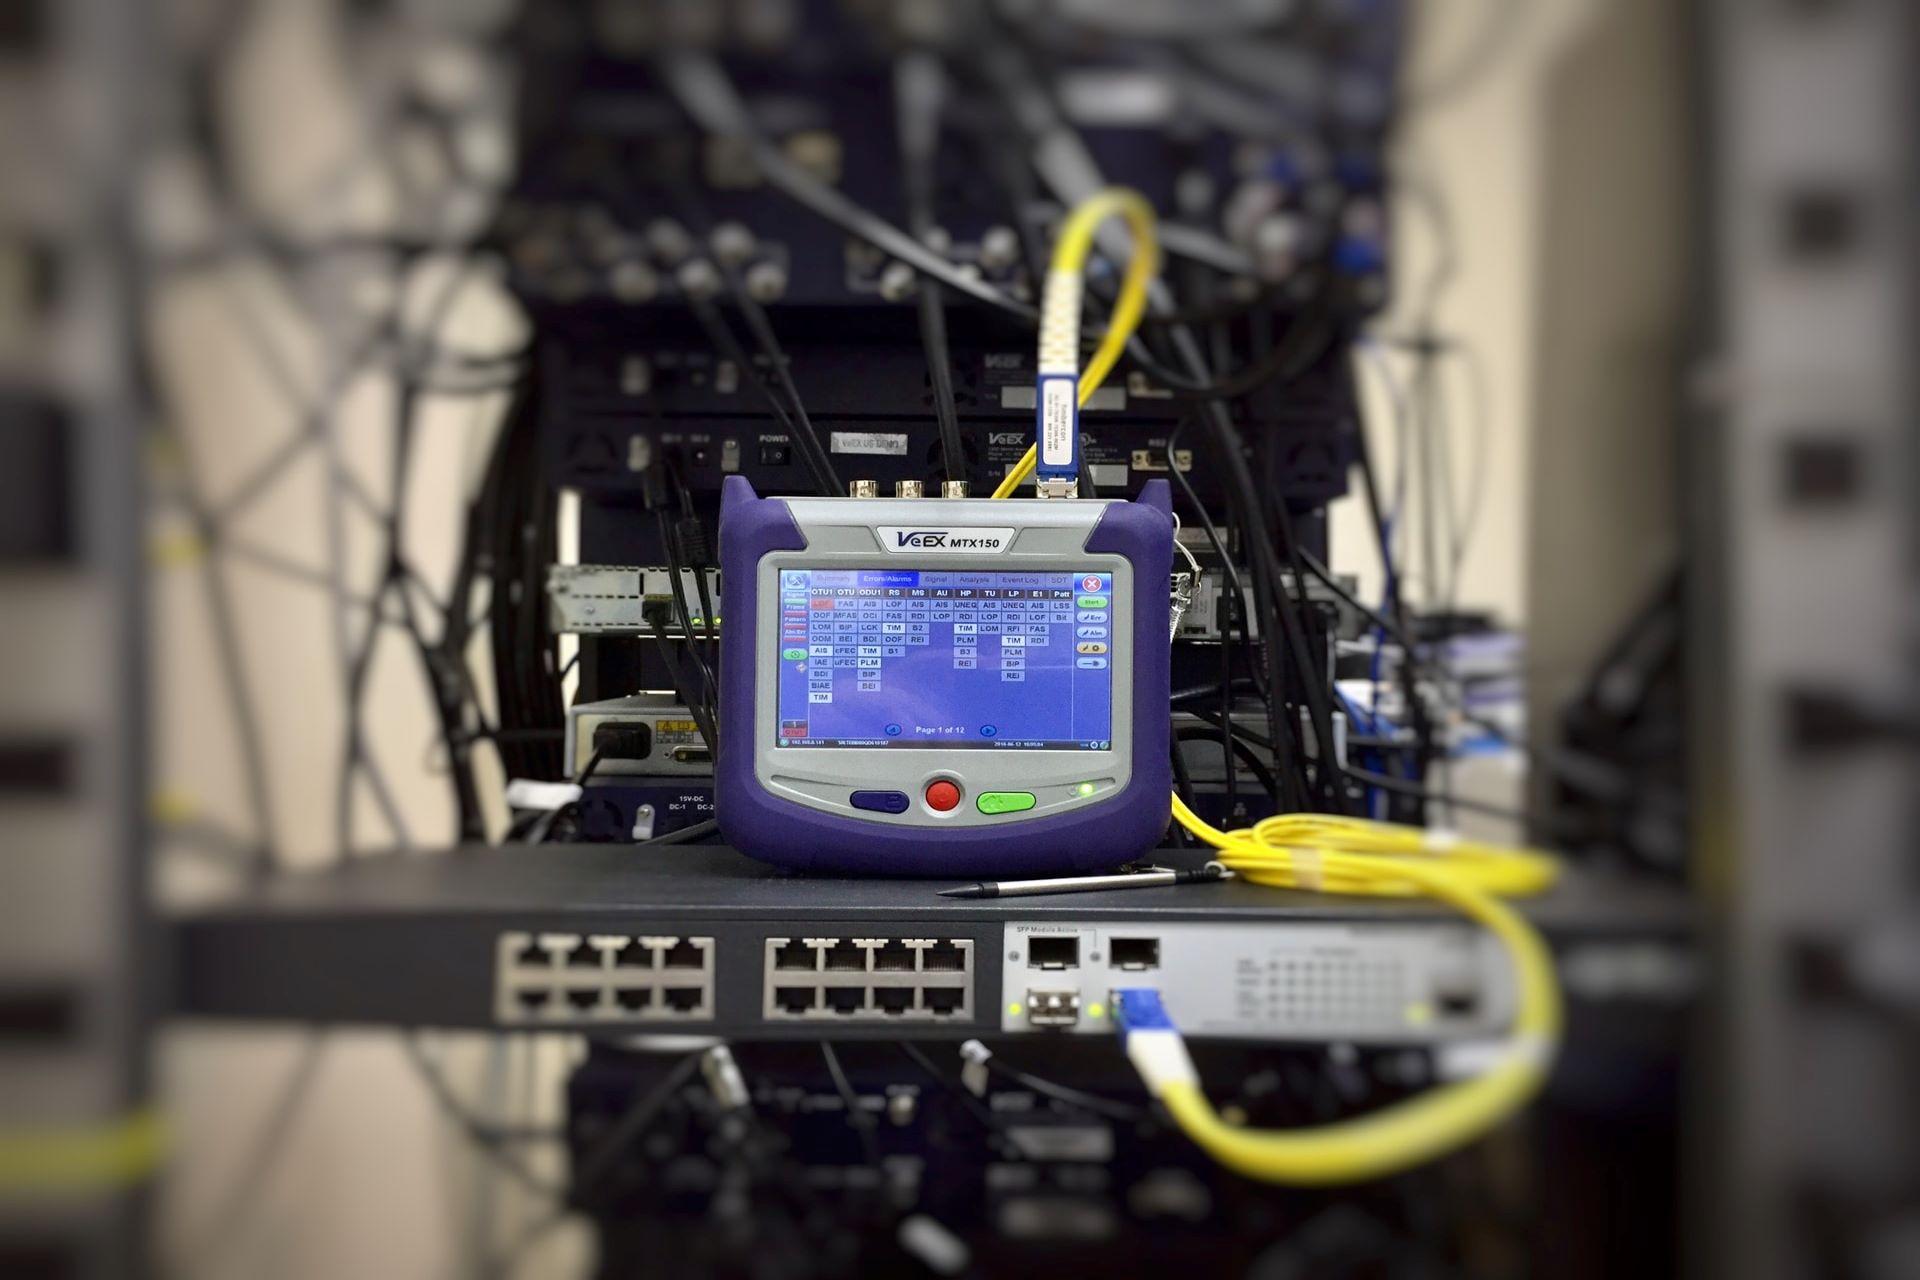 情報機器・通信機器のコーポレートサイト